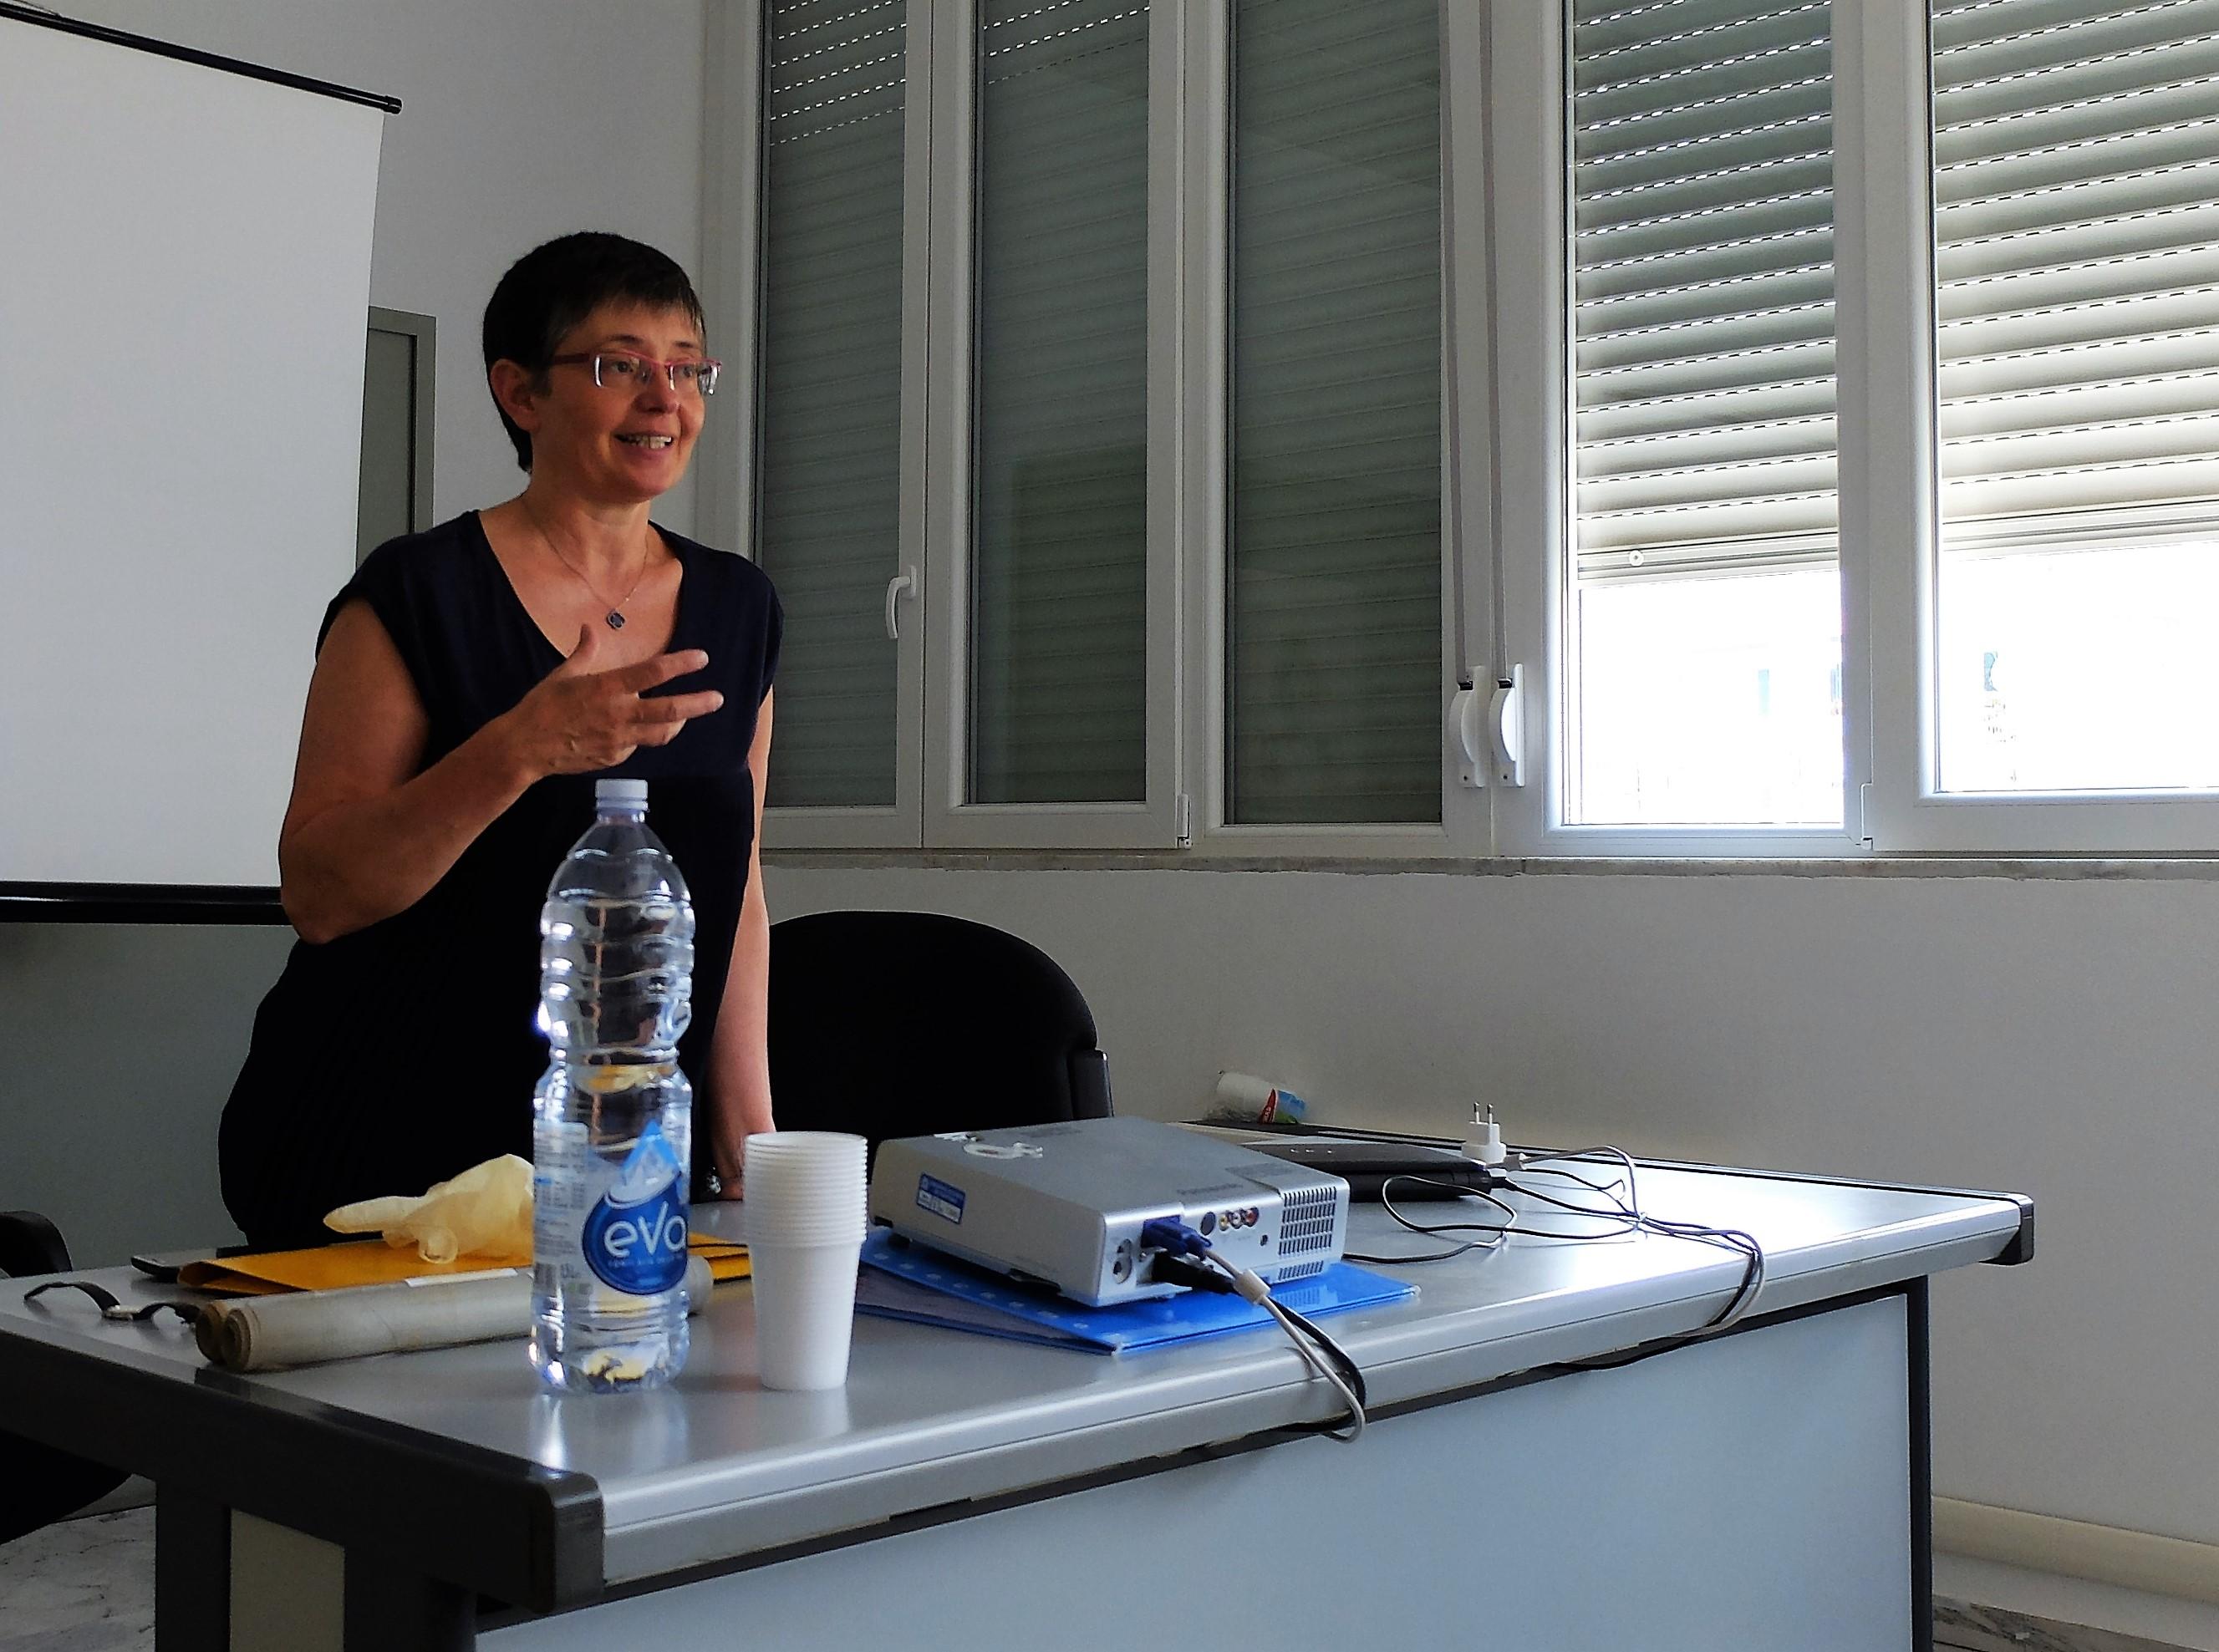 Francesca Imperiale, Dirigente della Soprintendenza archivistica e bibliografica della Liguria - Direttore ad interim dell'Archivio di Stato di Genova